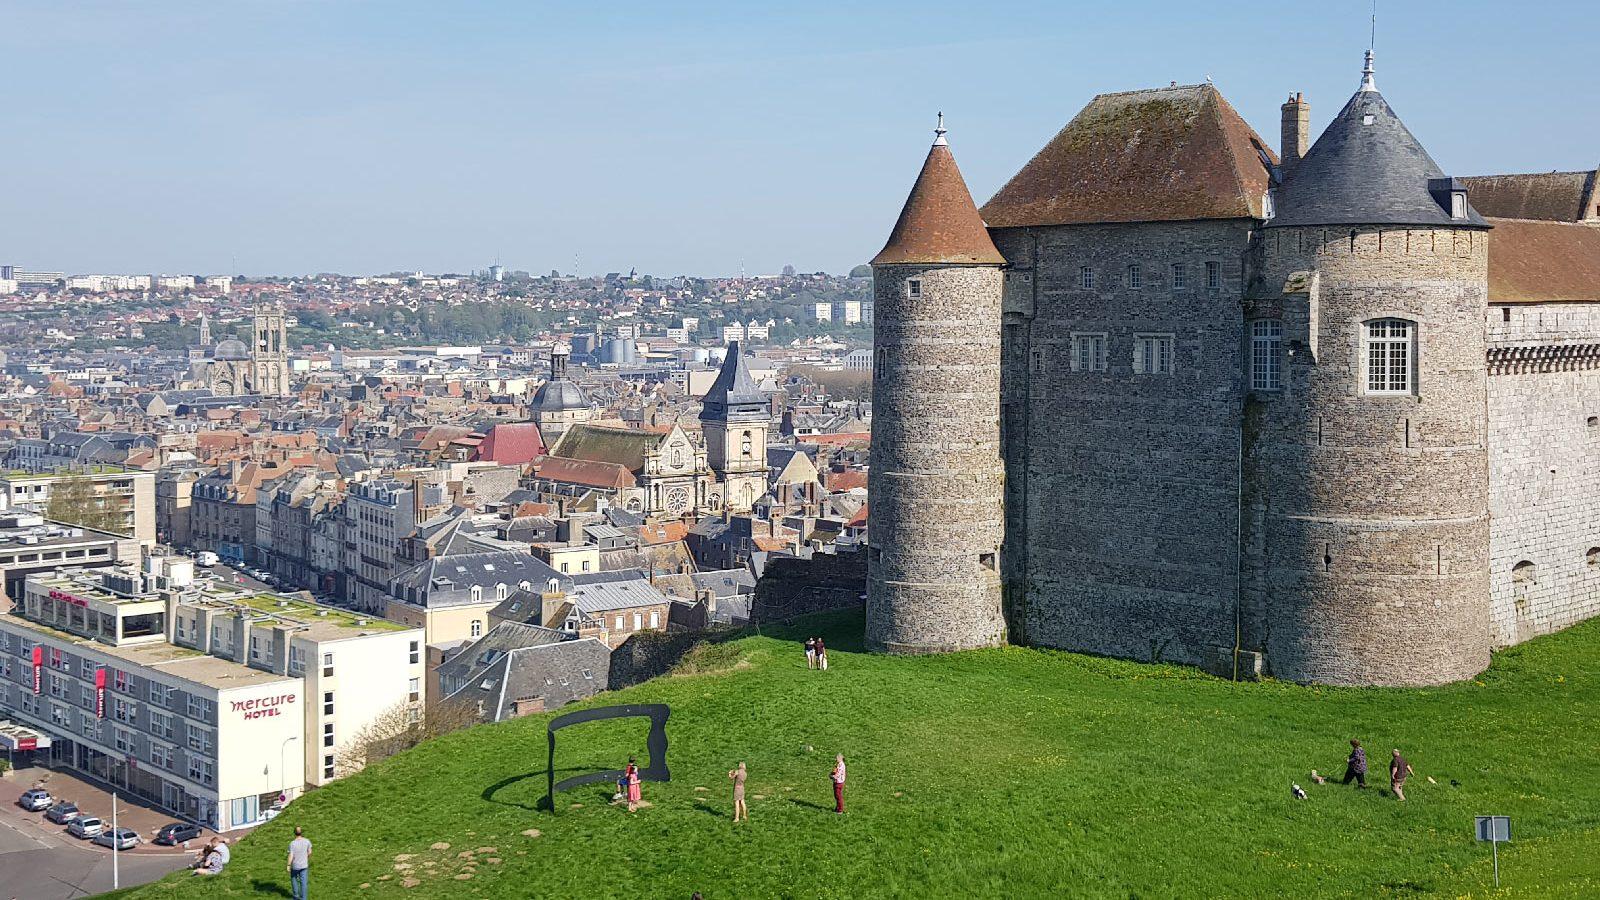 Sehenswurdigkeiten In Dieppe Normandie Urlaub Frankreich